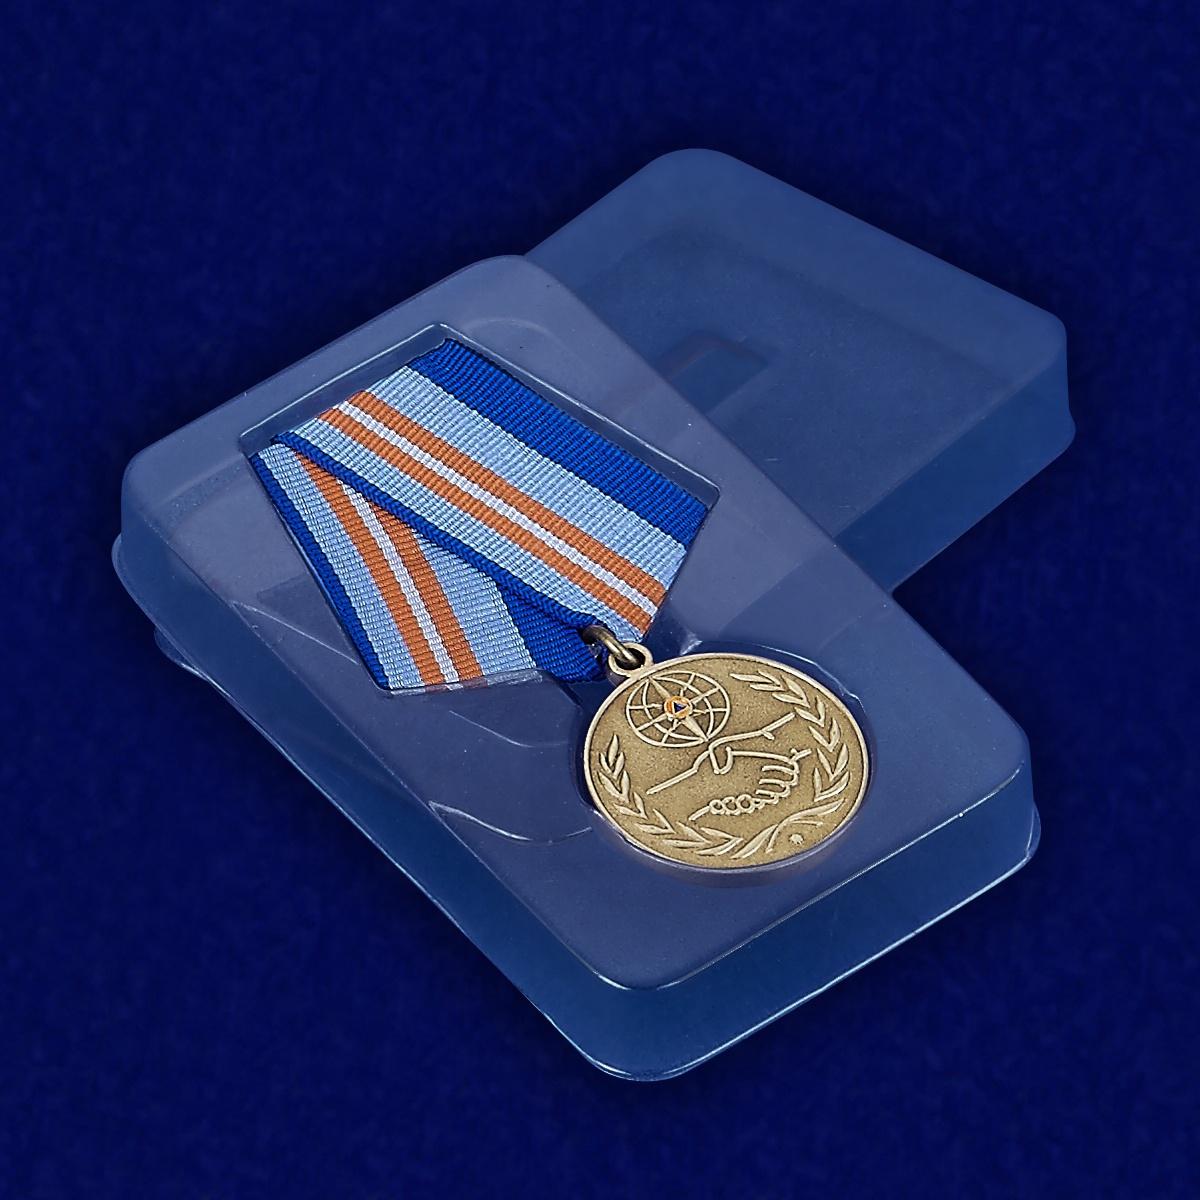 Медаль «За содружество во имя спасения» МЧС России - вид в футляре